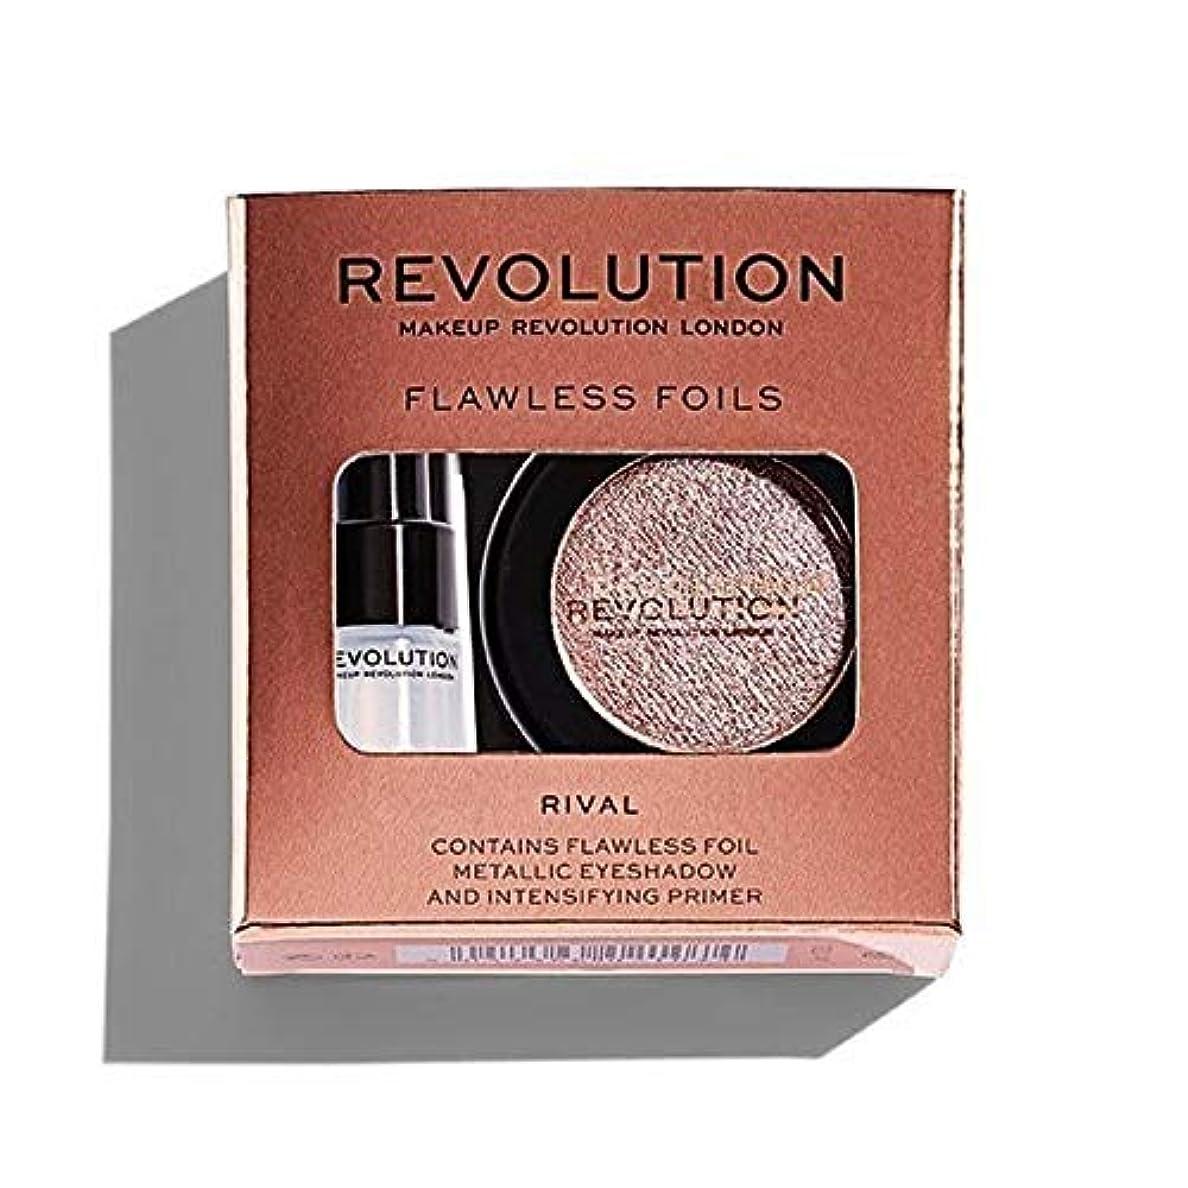 歩き回る倍率フォージ[Revolution ] ライバル革命完璧な箔 - Revolution Flawless Foils Rival [並行輸入品]